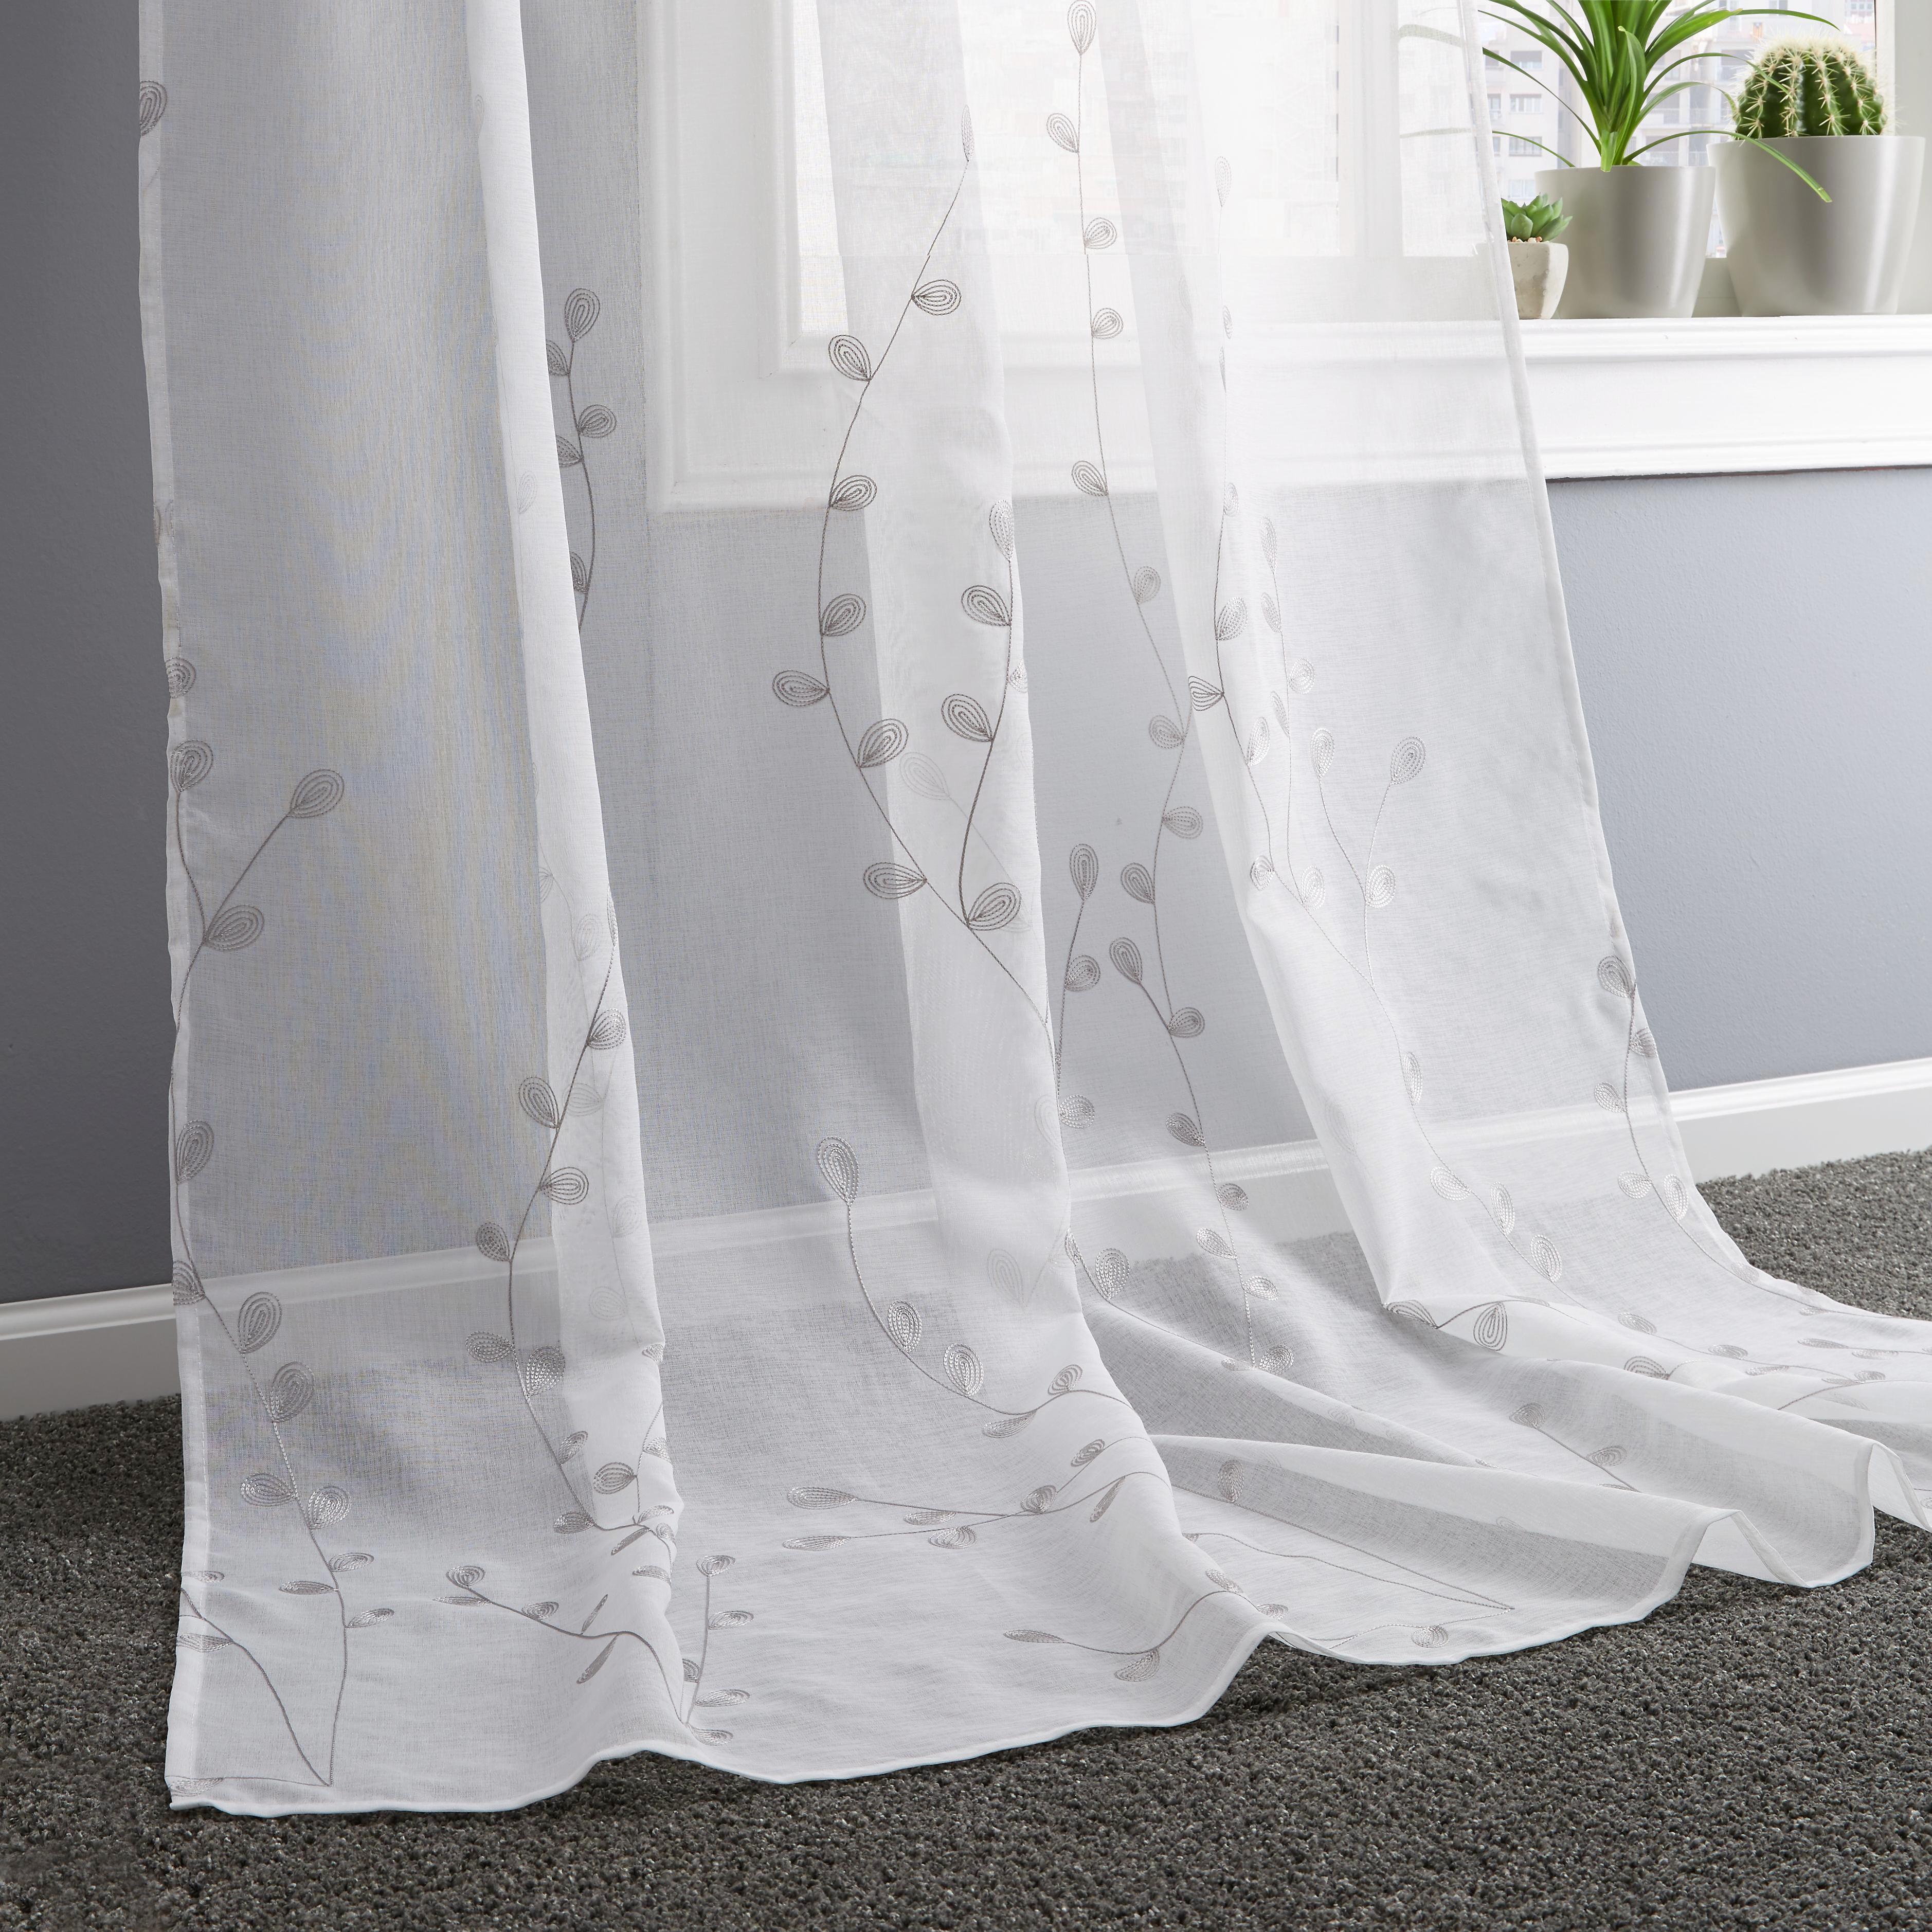 Készfüggöny Rebekka - homok színű/fehér, modern, textil (140/245cm) - MÖMAX modern living